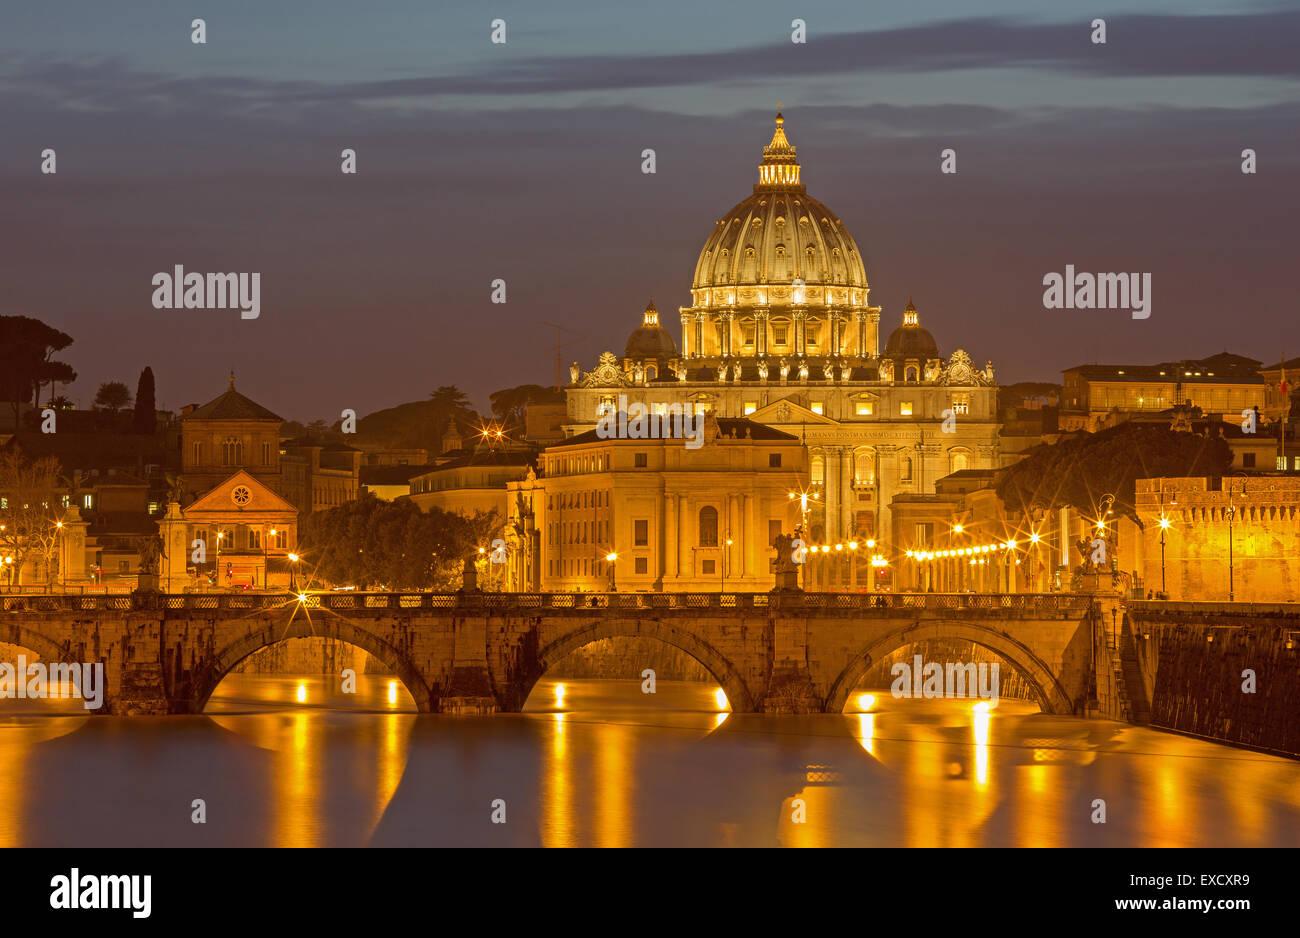 Rom - Engel zu überbrücken und St. Peters Basilika in Abenddämmerung Stockbild